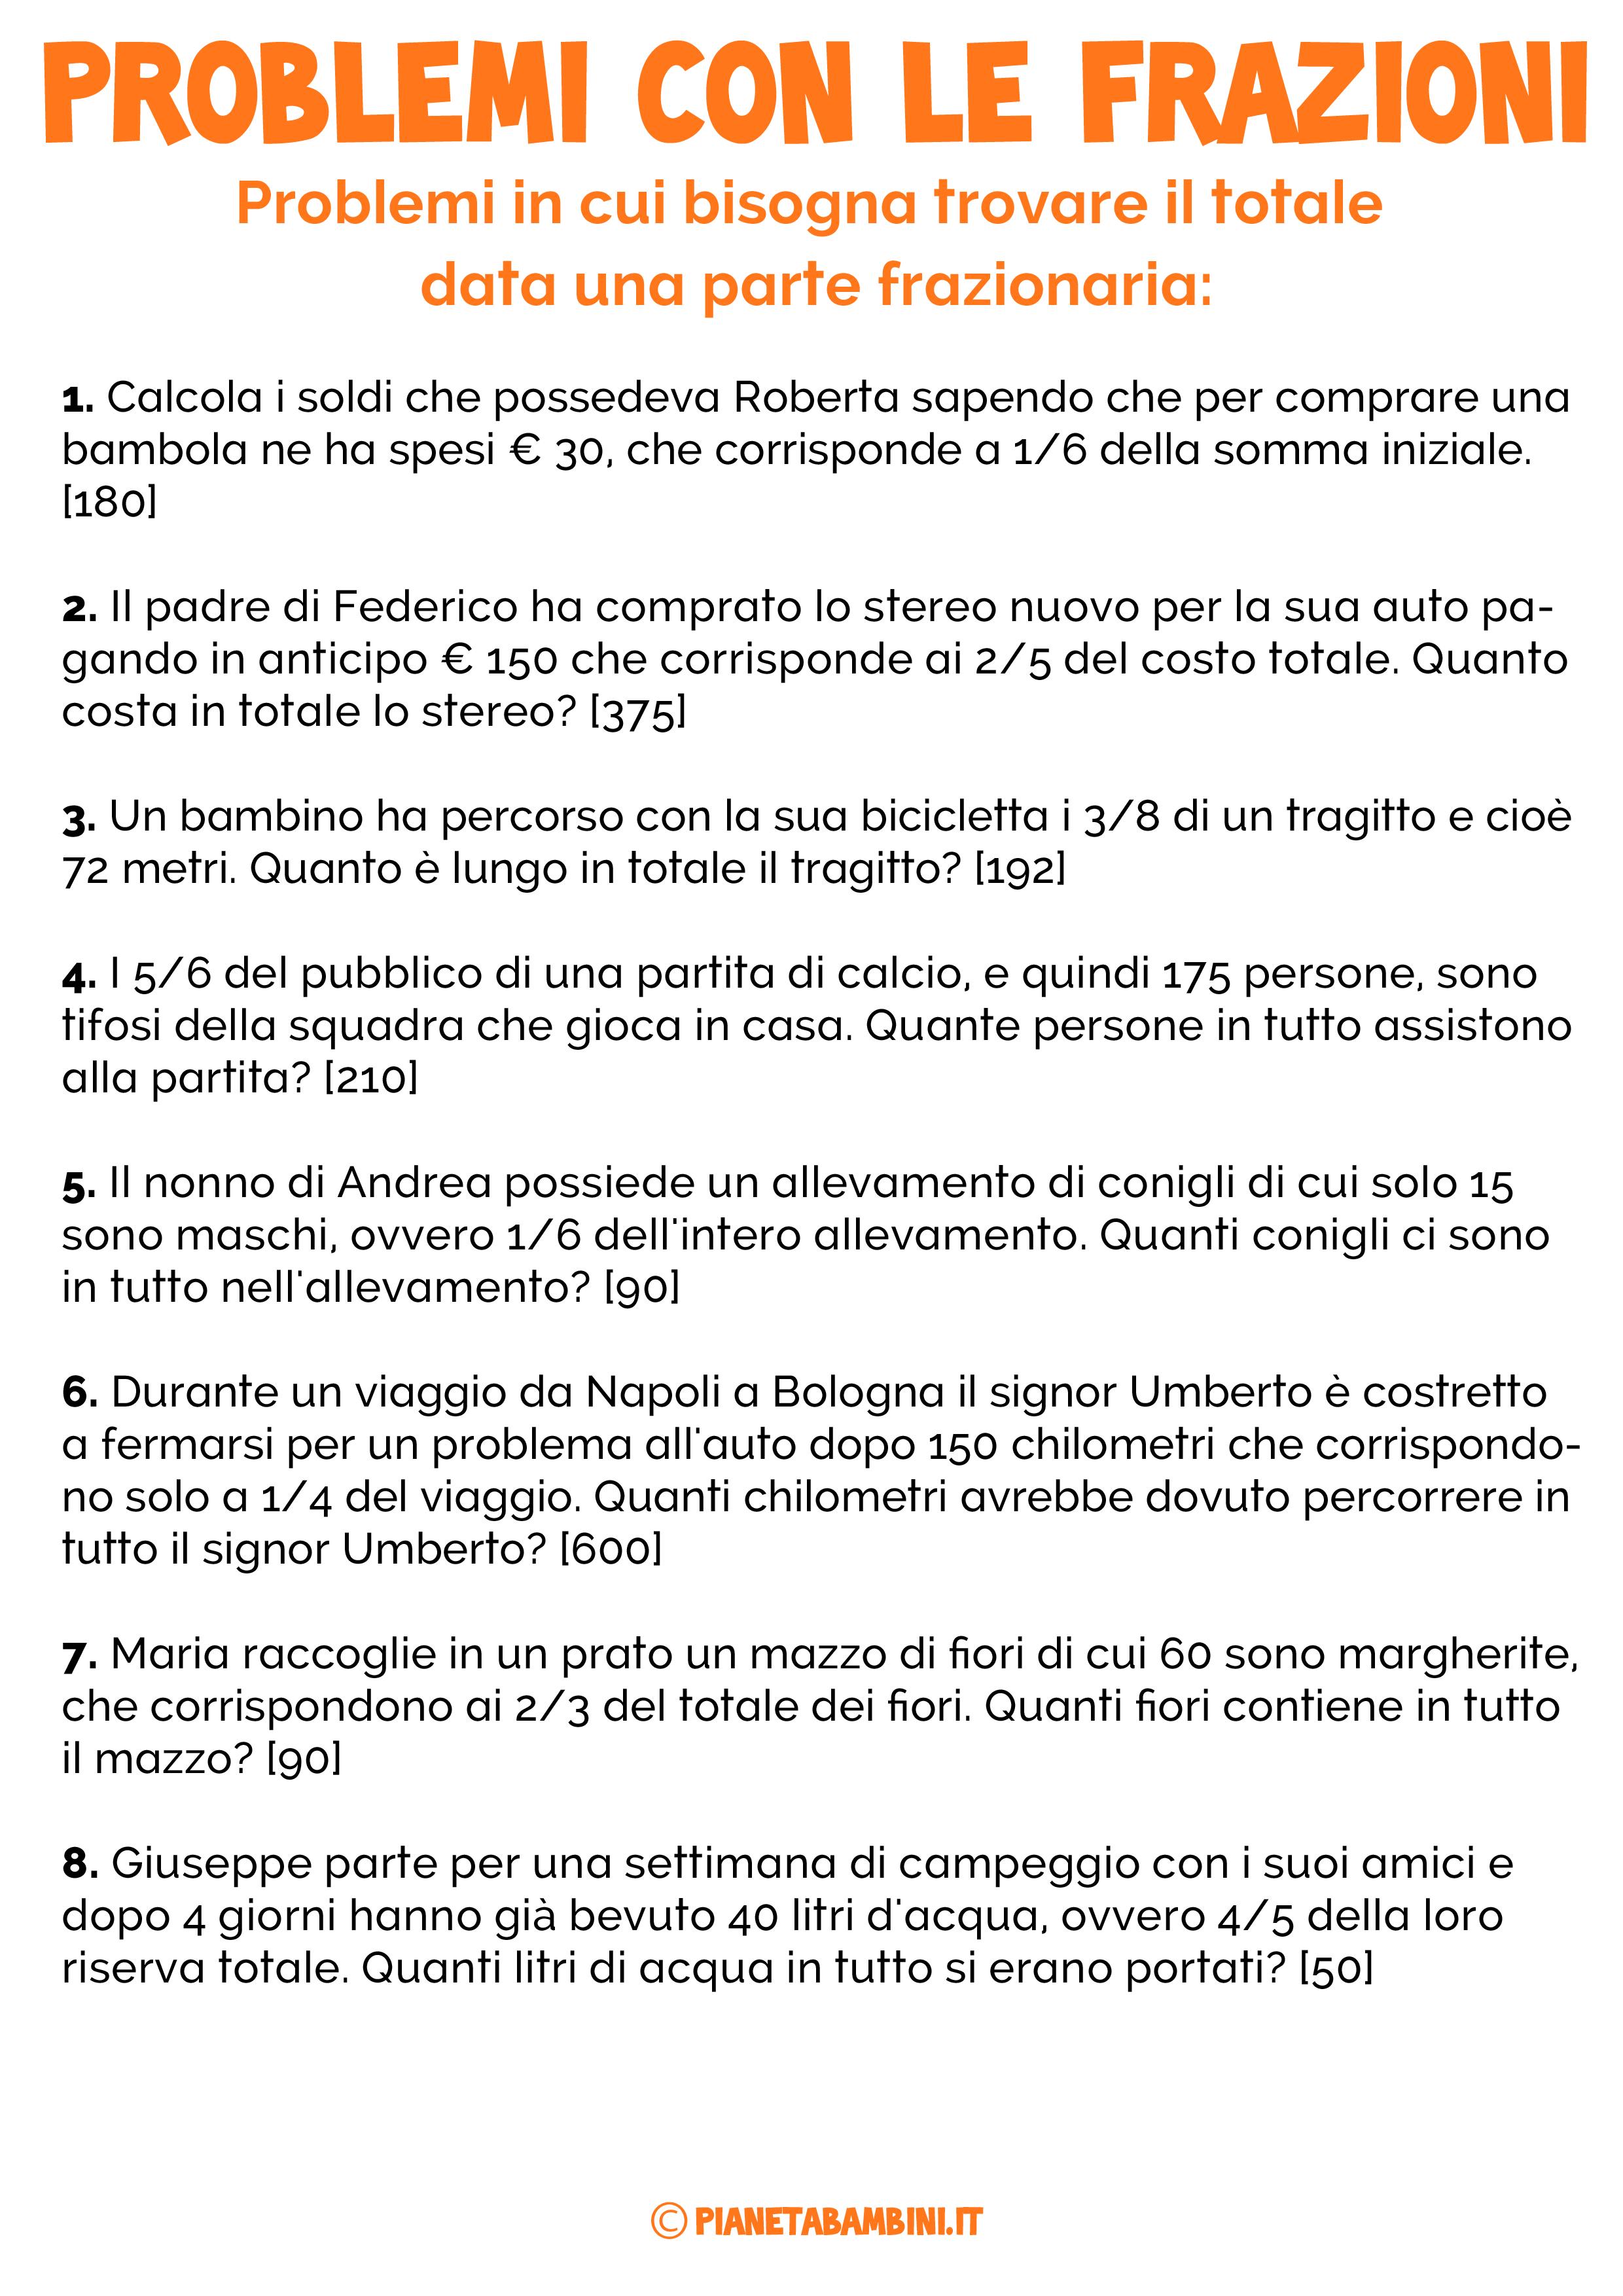 Problemi-Frazioni-4